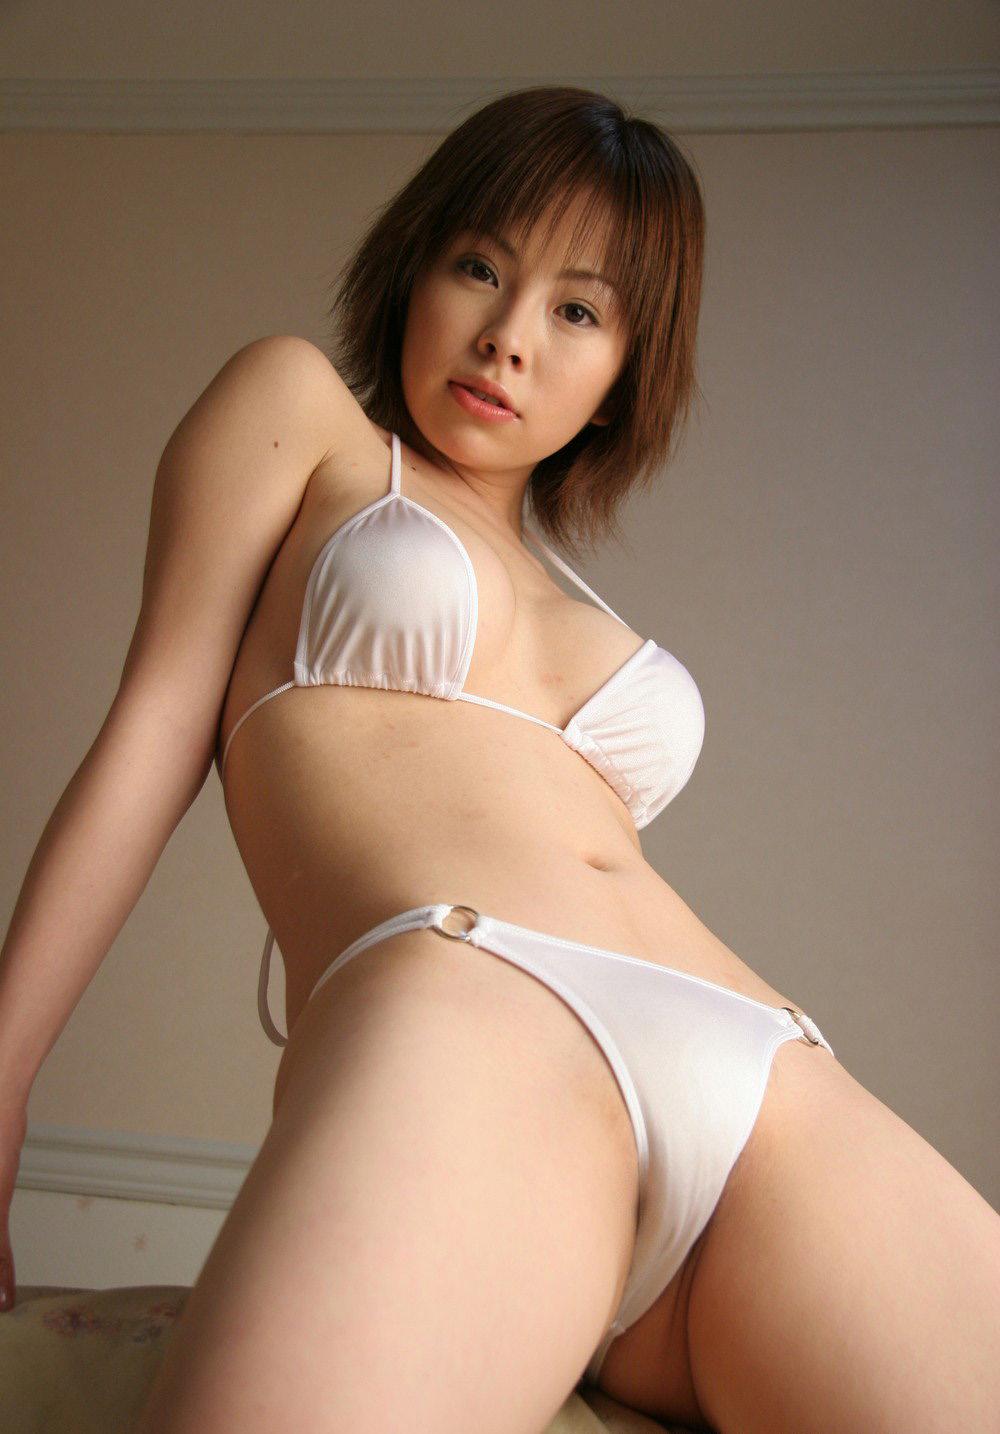 紋舞らん 画像 71